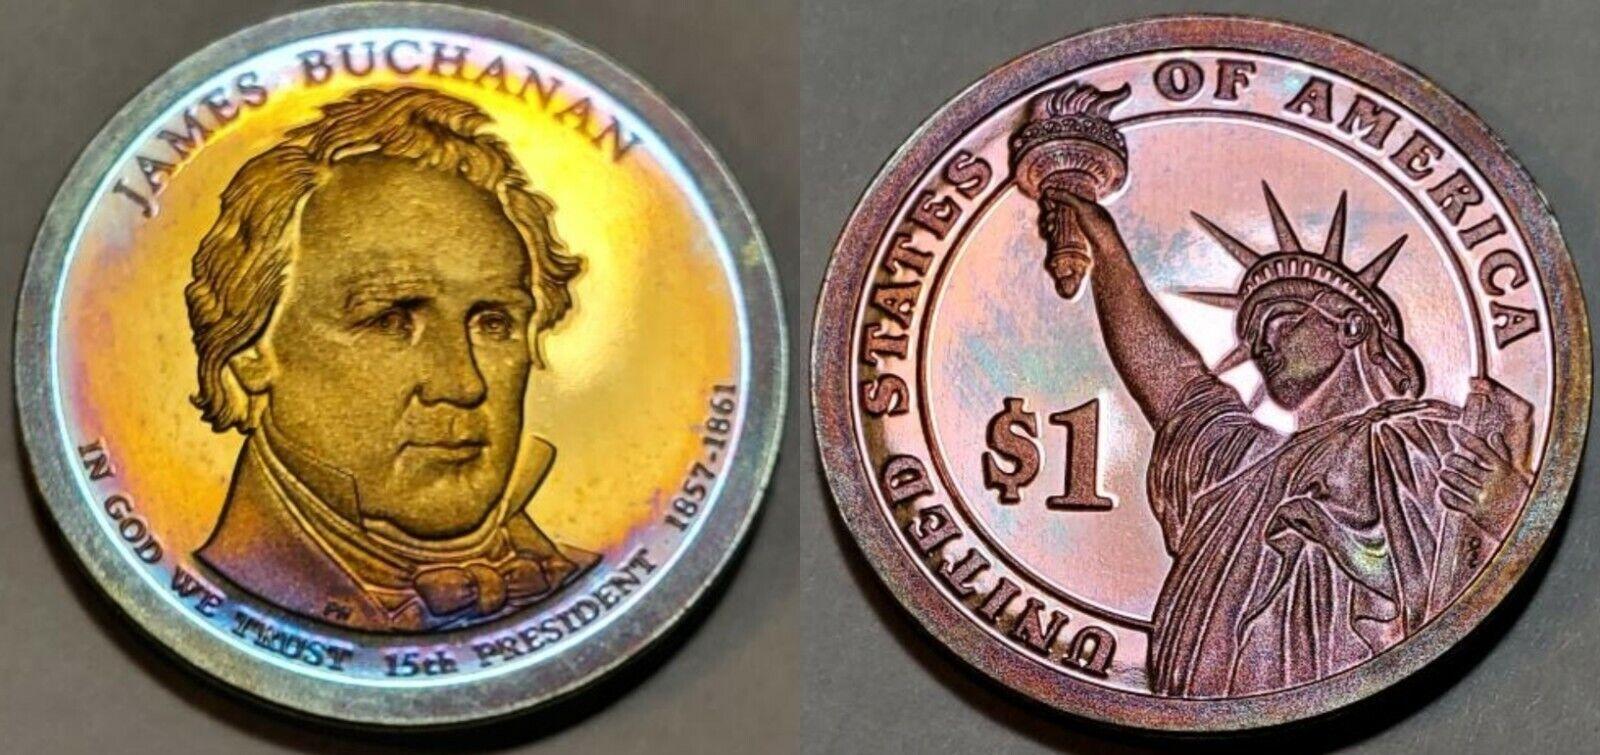 2010 S - PROOF - MONSTER TONED - JAMES BUCHANAN PRESIDENTIAL DOLLAR 10519 - $5.00